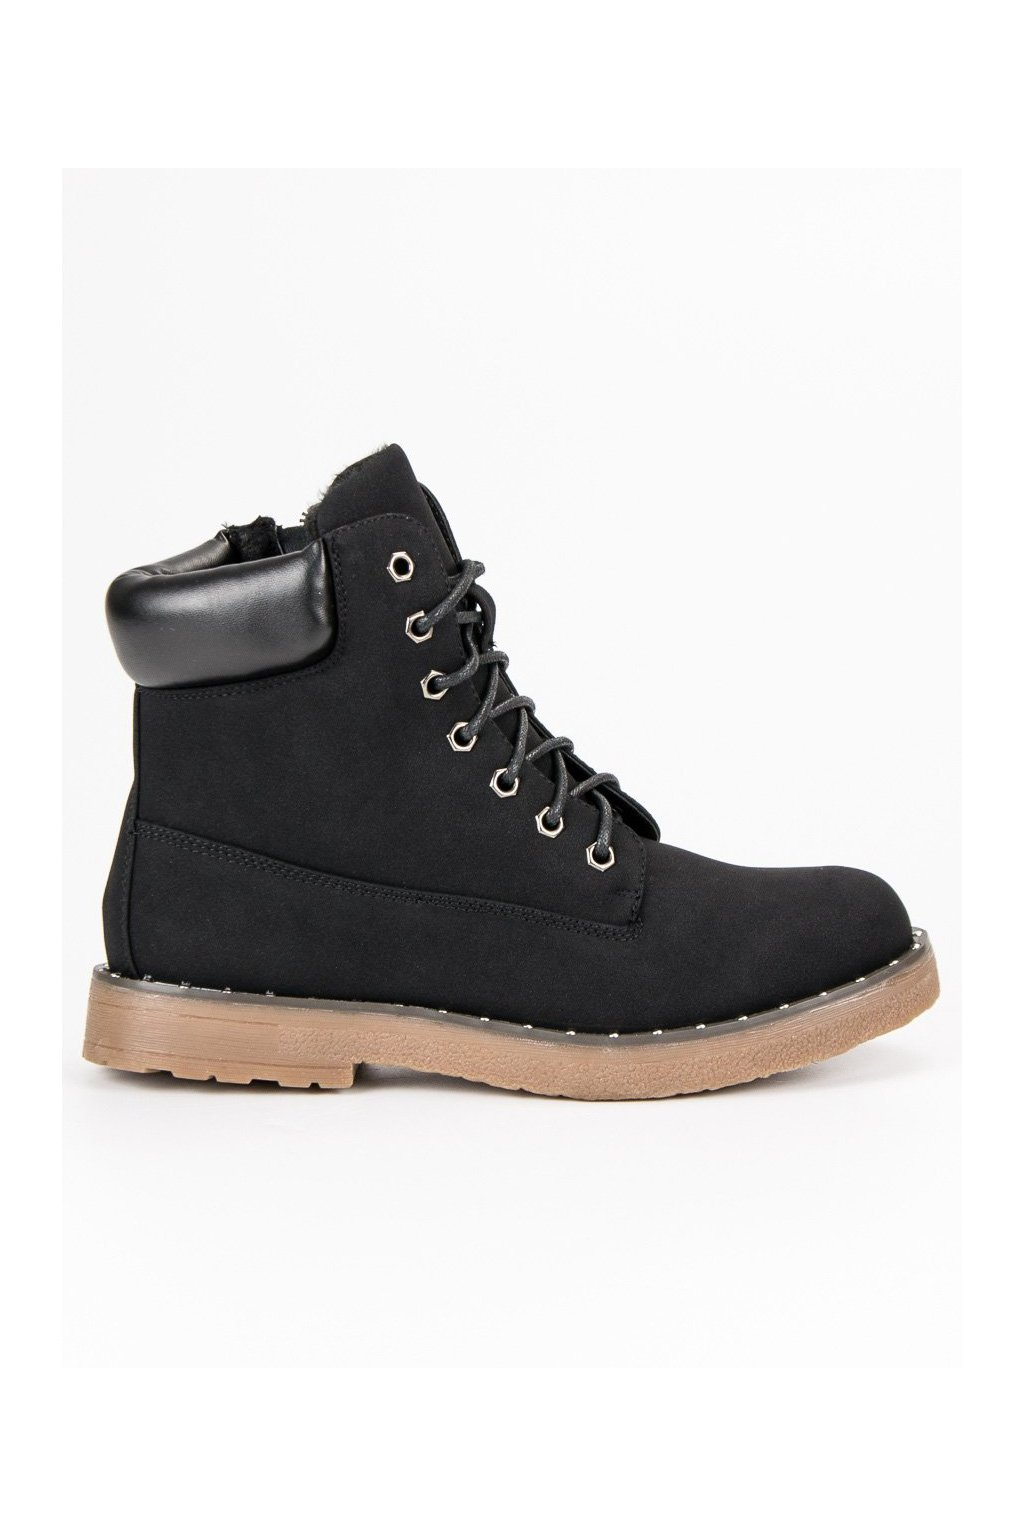 Čierne dámske topánky na zimu trapery  3b3efb430b